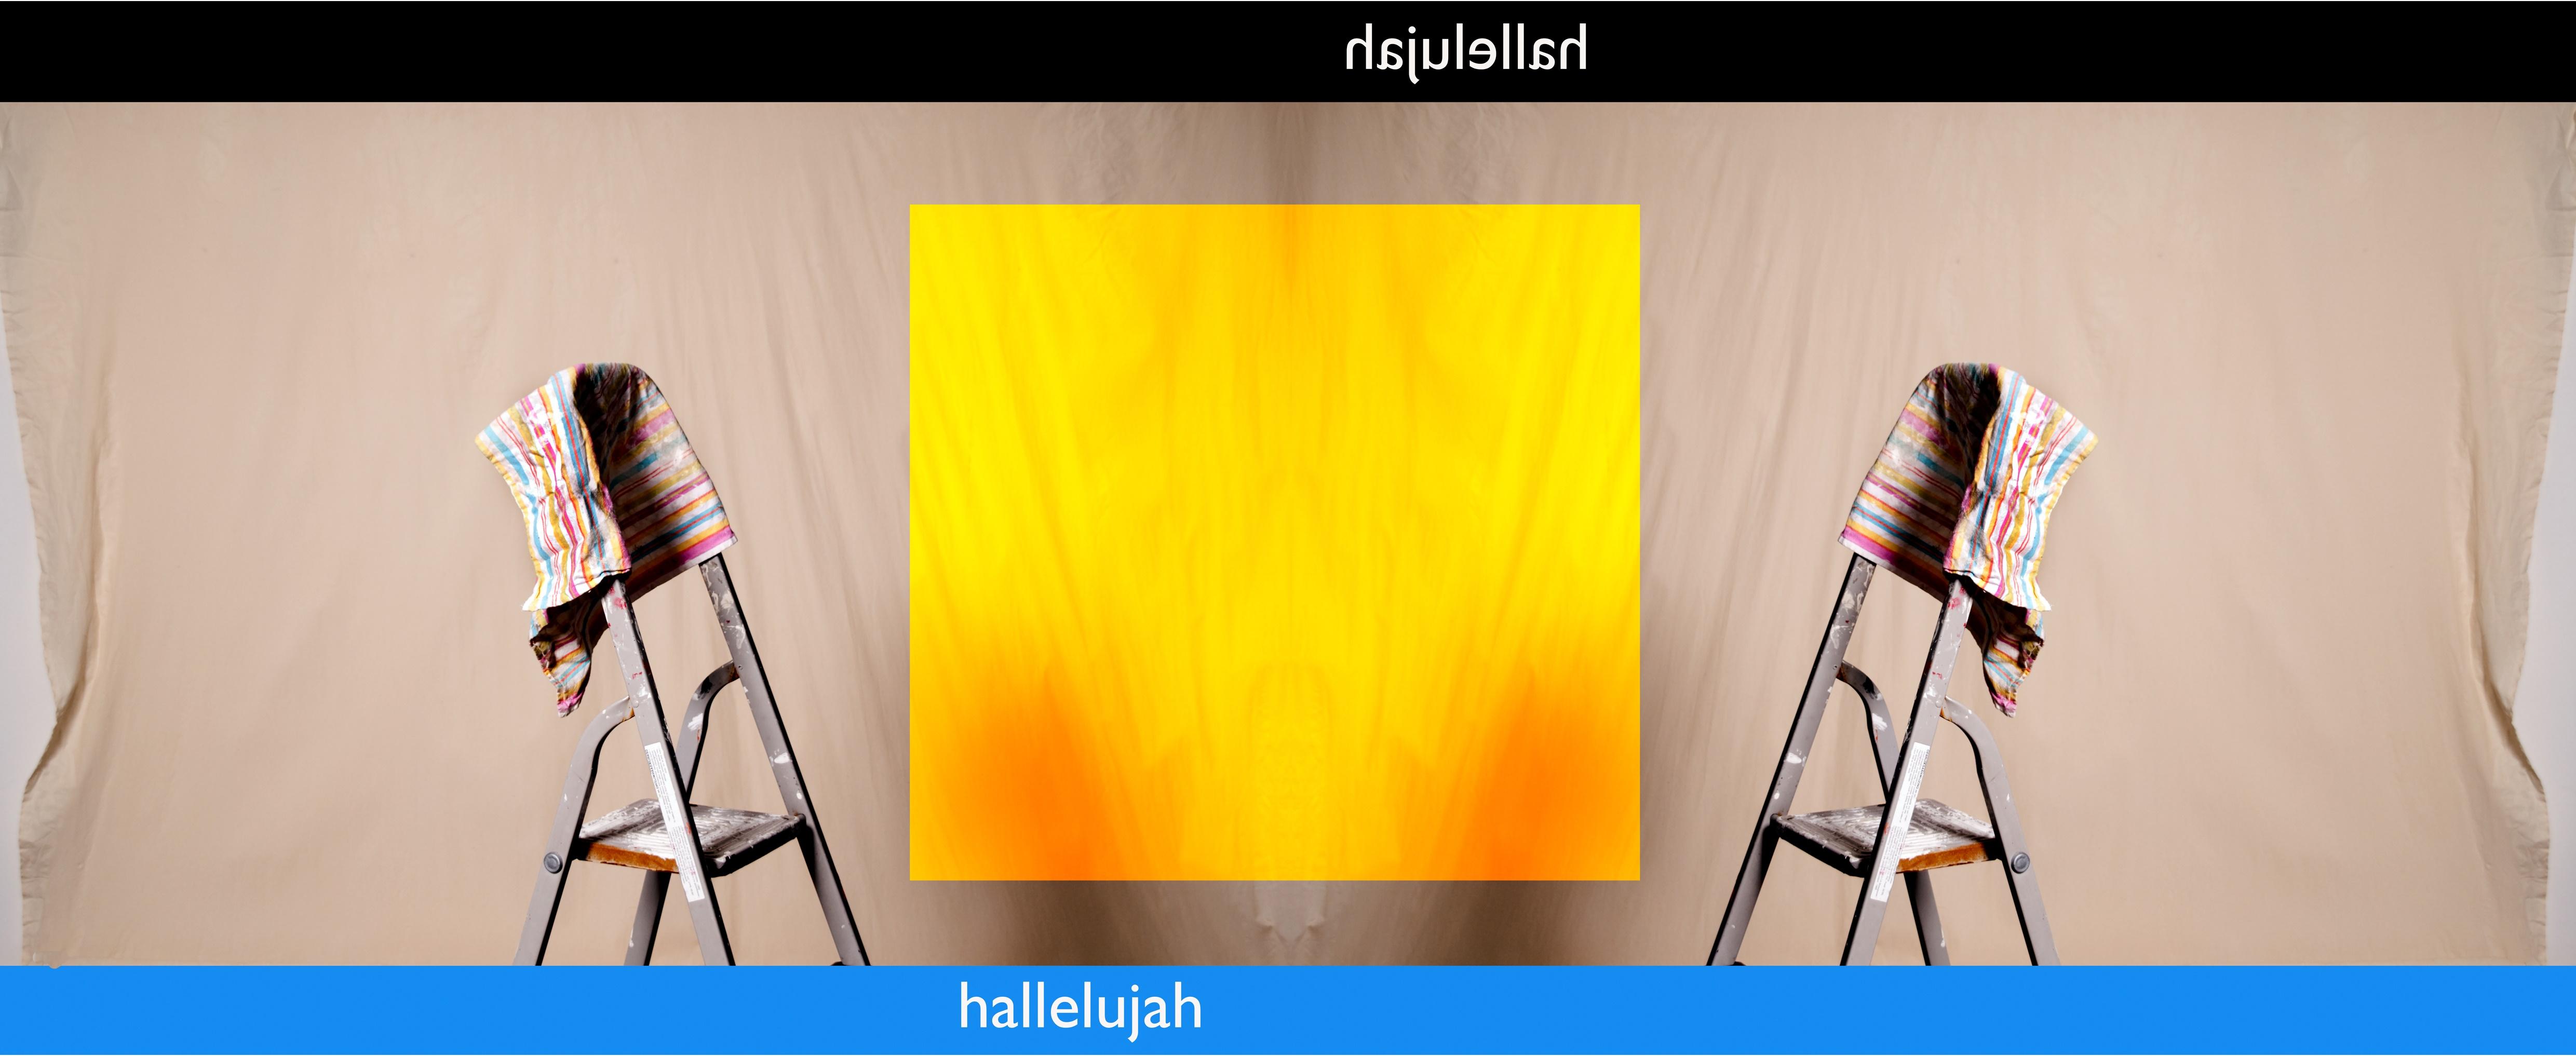 hallelujah-ton voermans